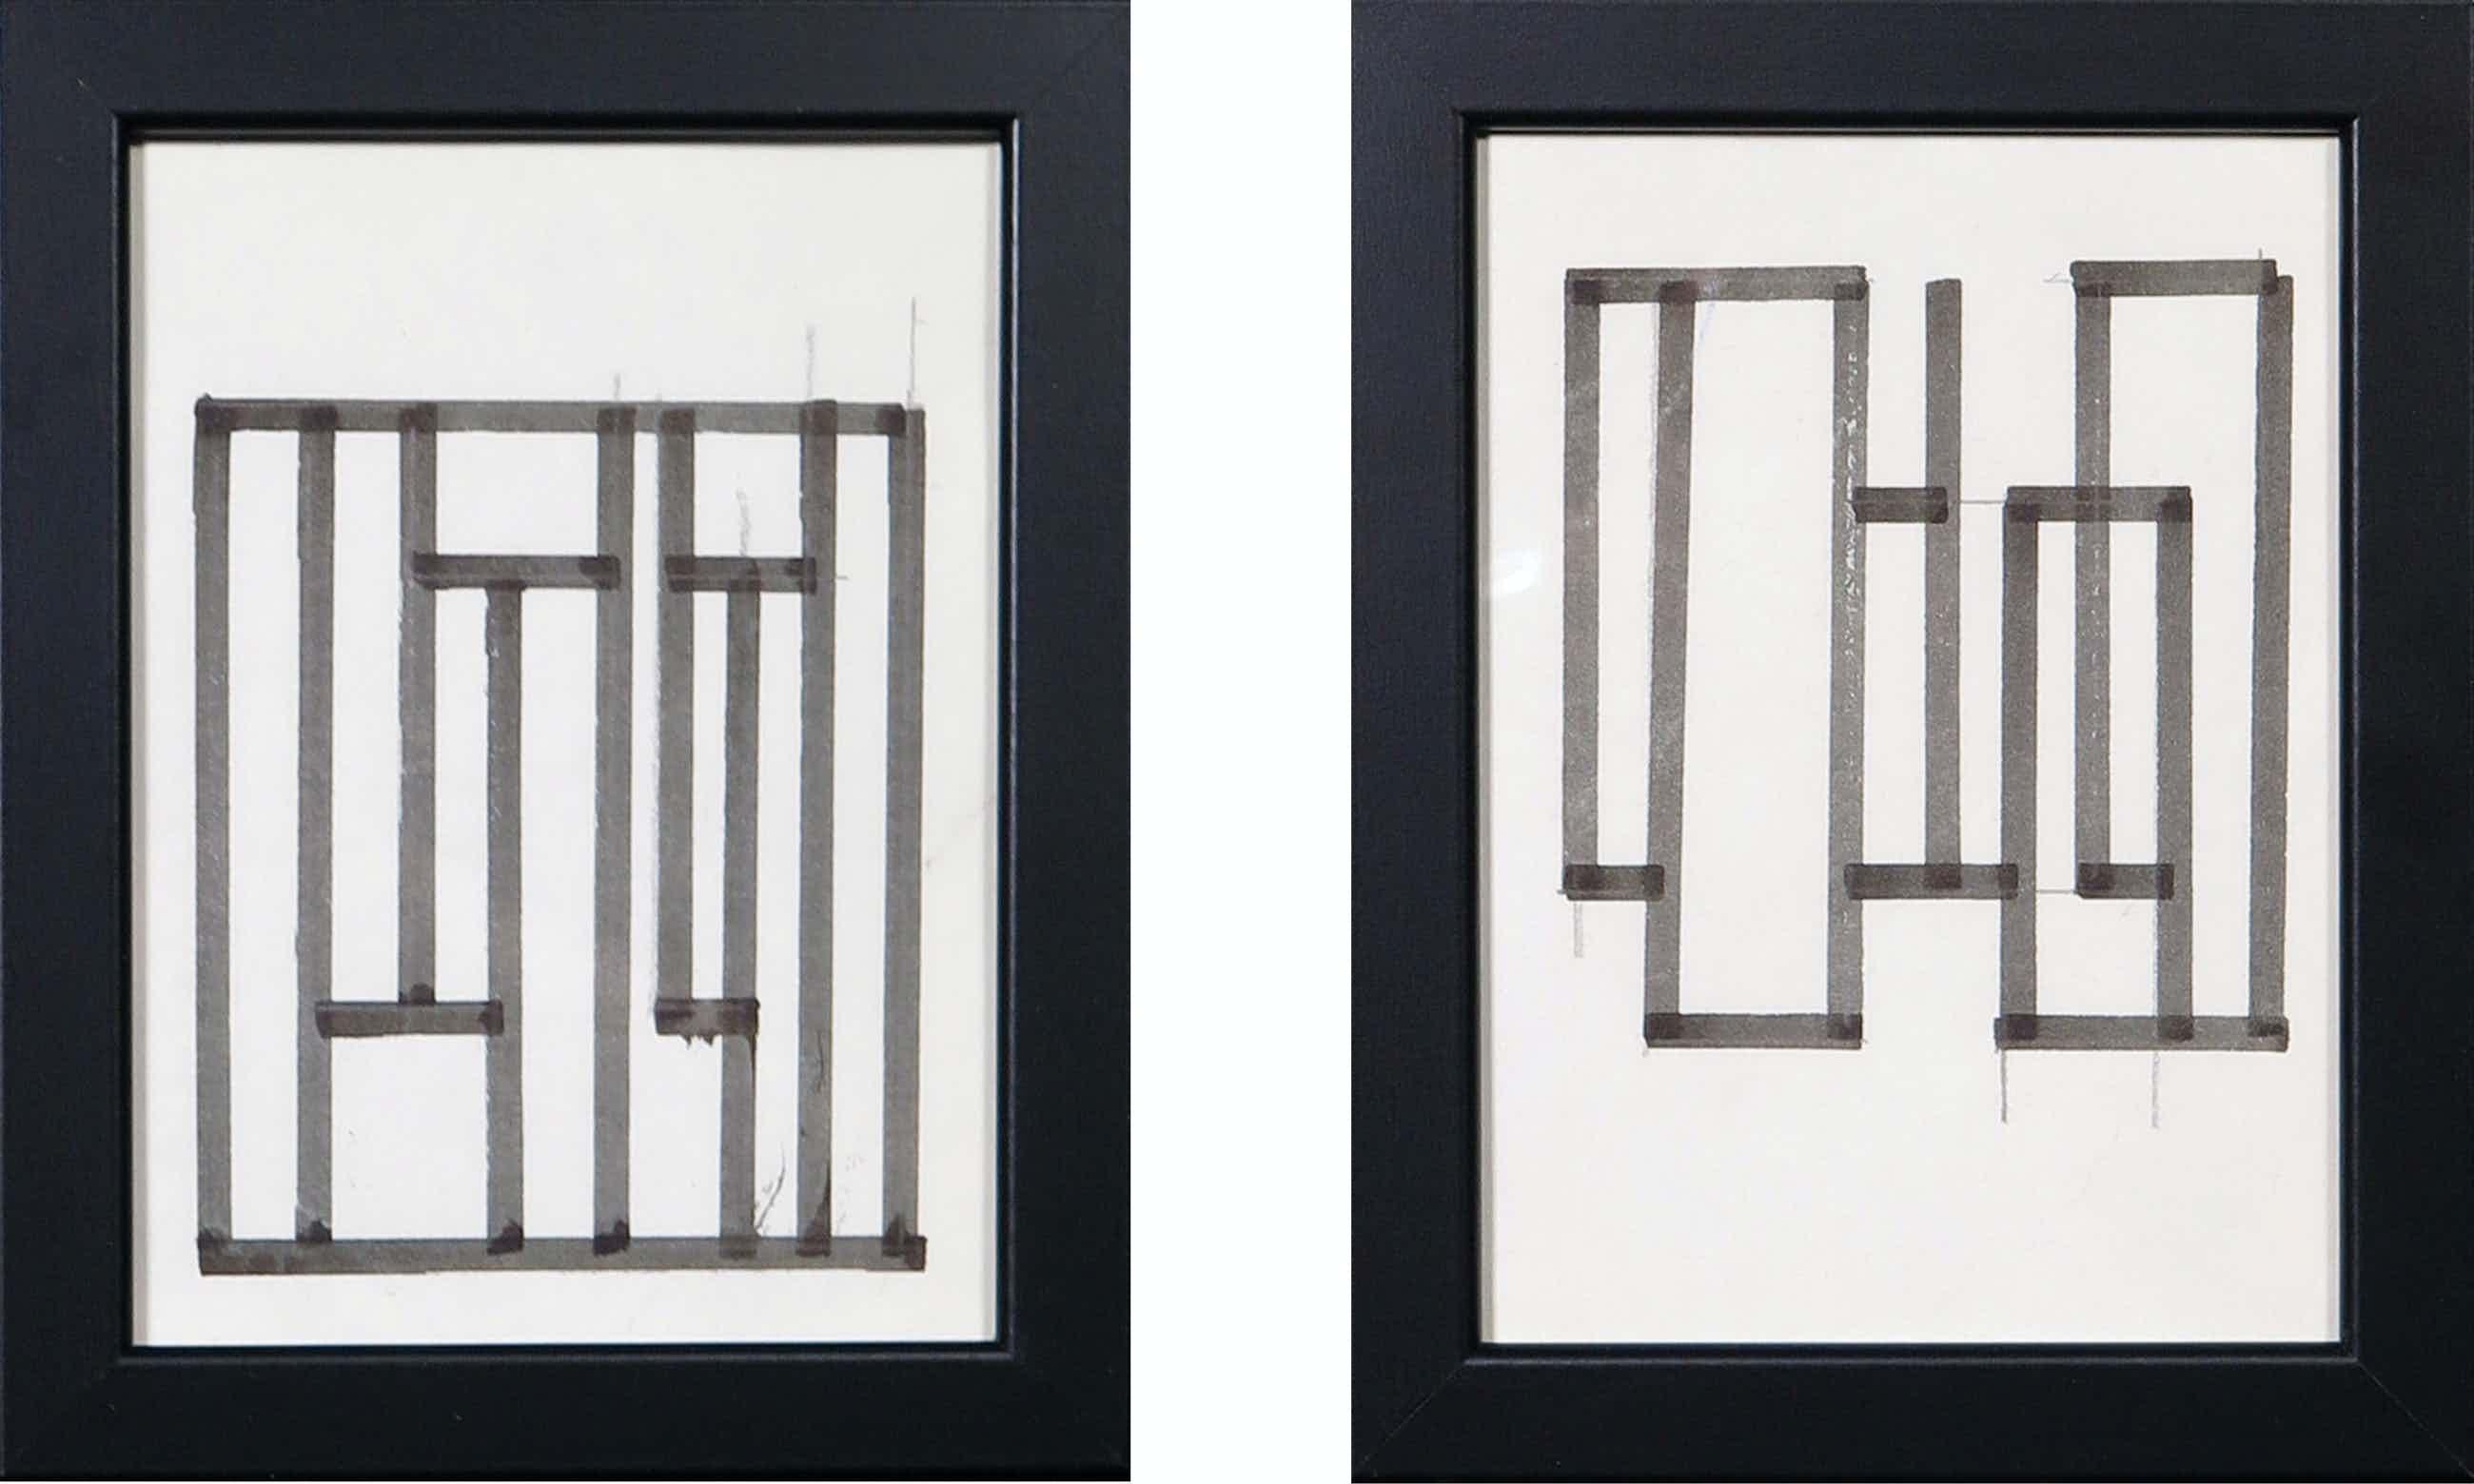 Siep van den Berg - Lot van twee abstracte composities - Ingelijst kopen? Bied vanaf 35!